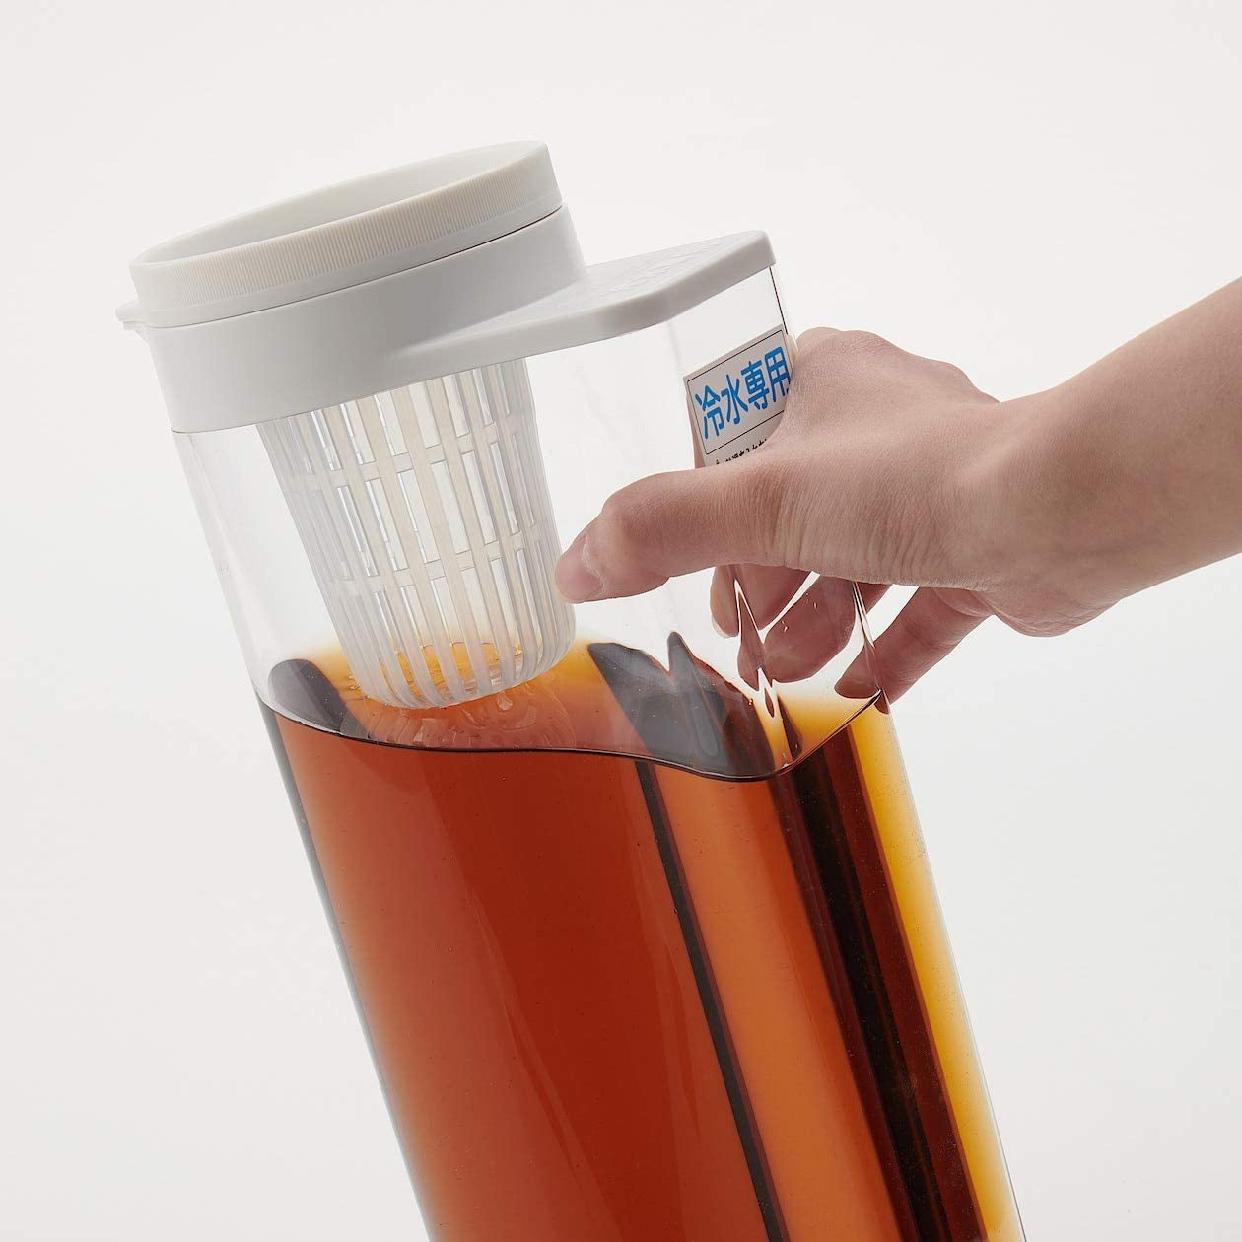 無印良品(MUJI) アクリル冷水筒 冷水専用約2L 44220931の商品画像9